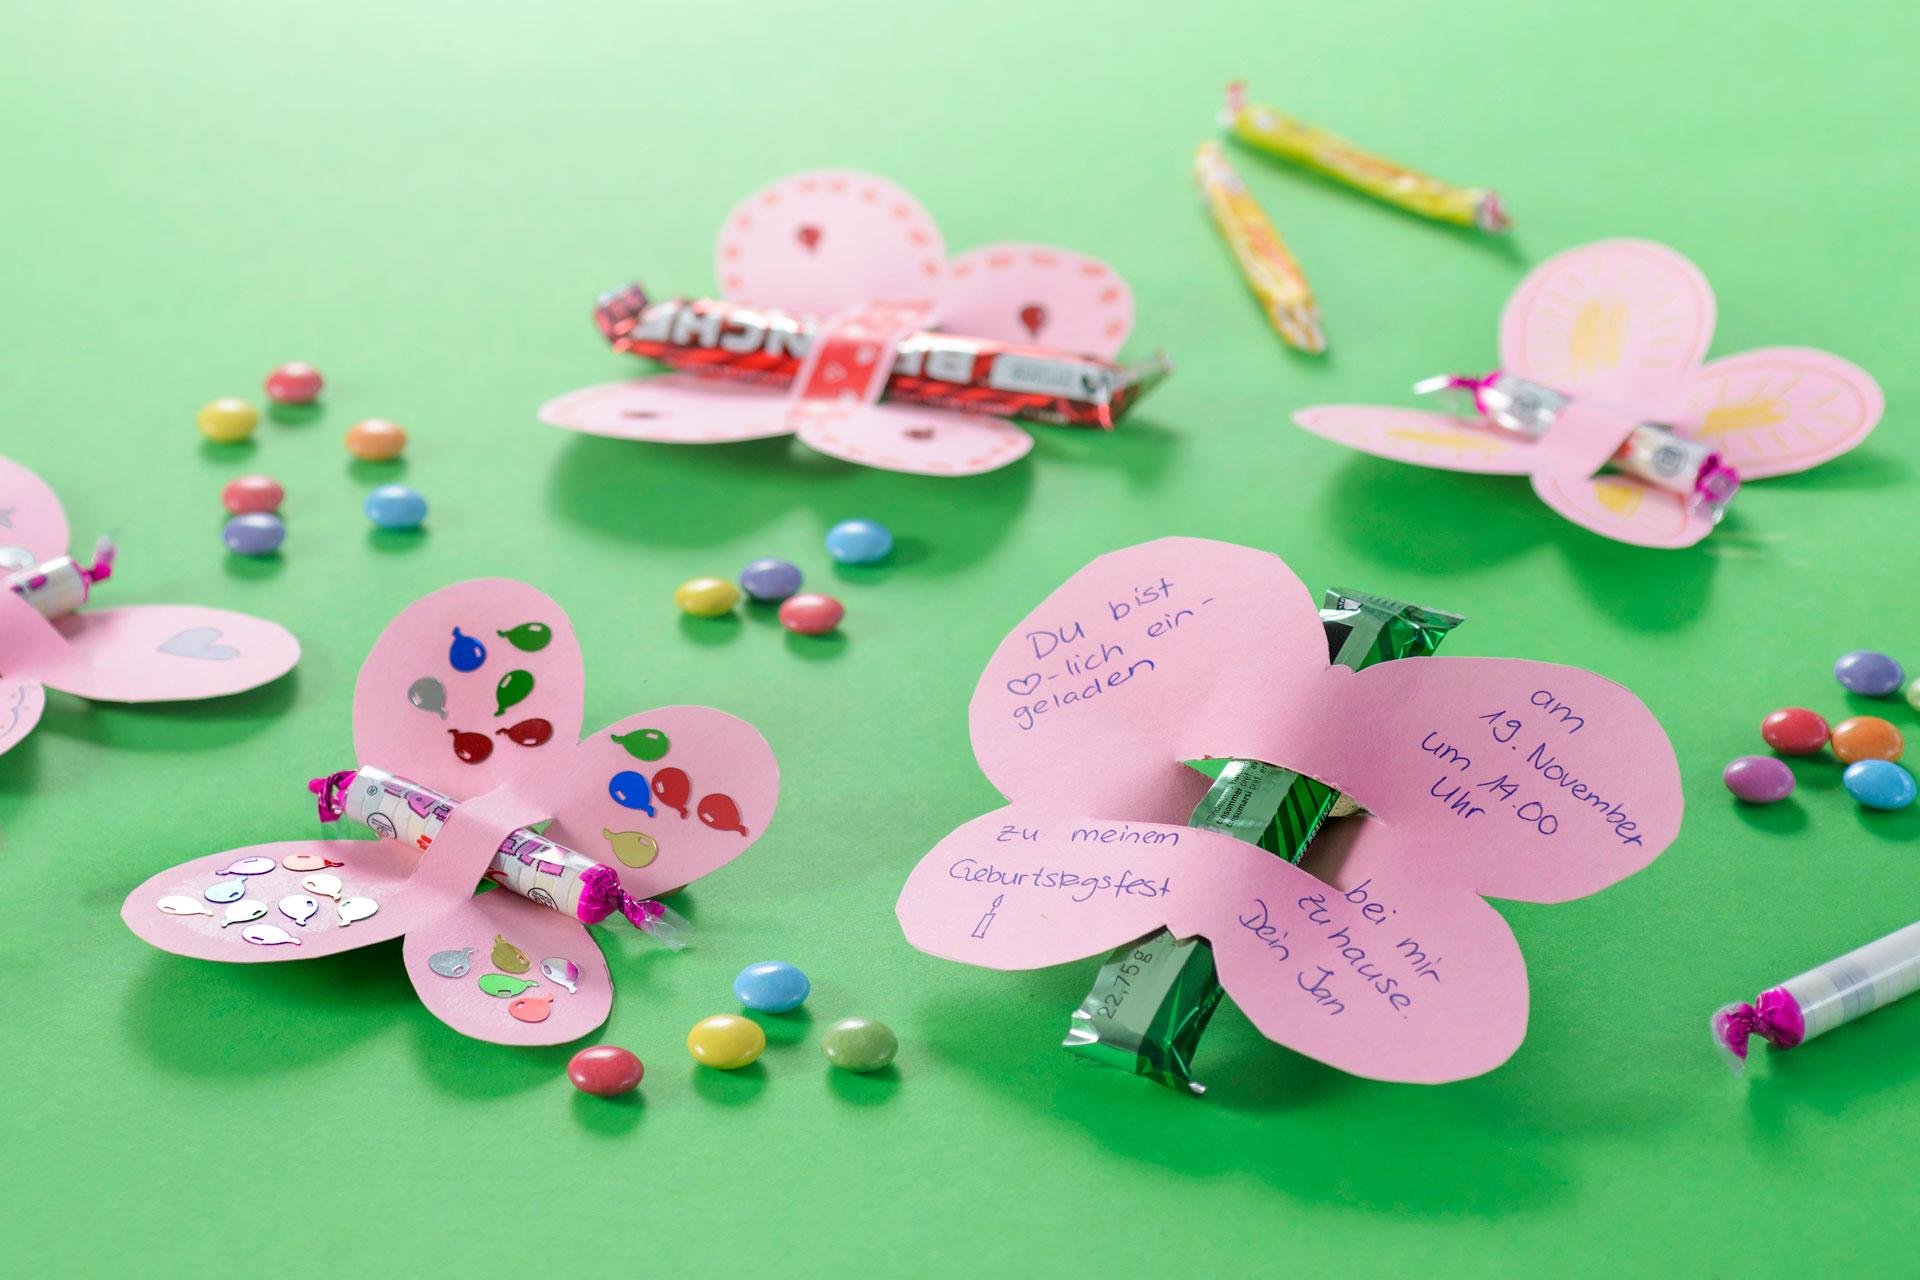 Ein tolle Idee zum Basteln einer Einladung zum Kindergeburtstag. Kleine Schmetterlinge mit Süssigkeiten als Körper